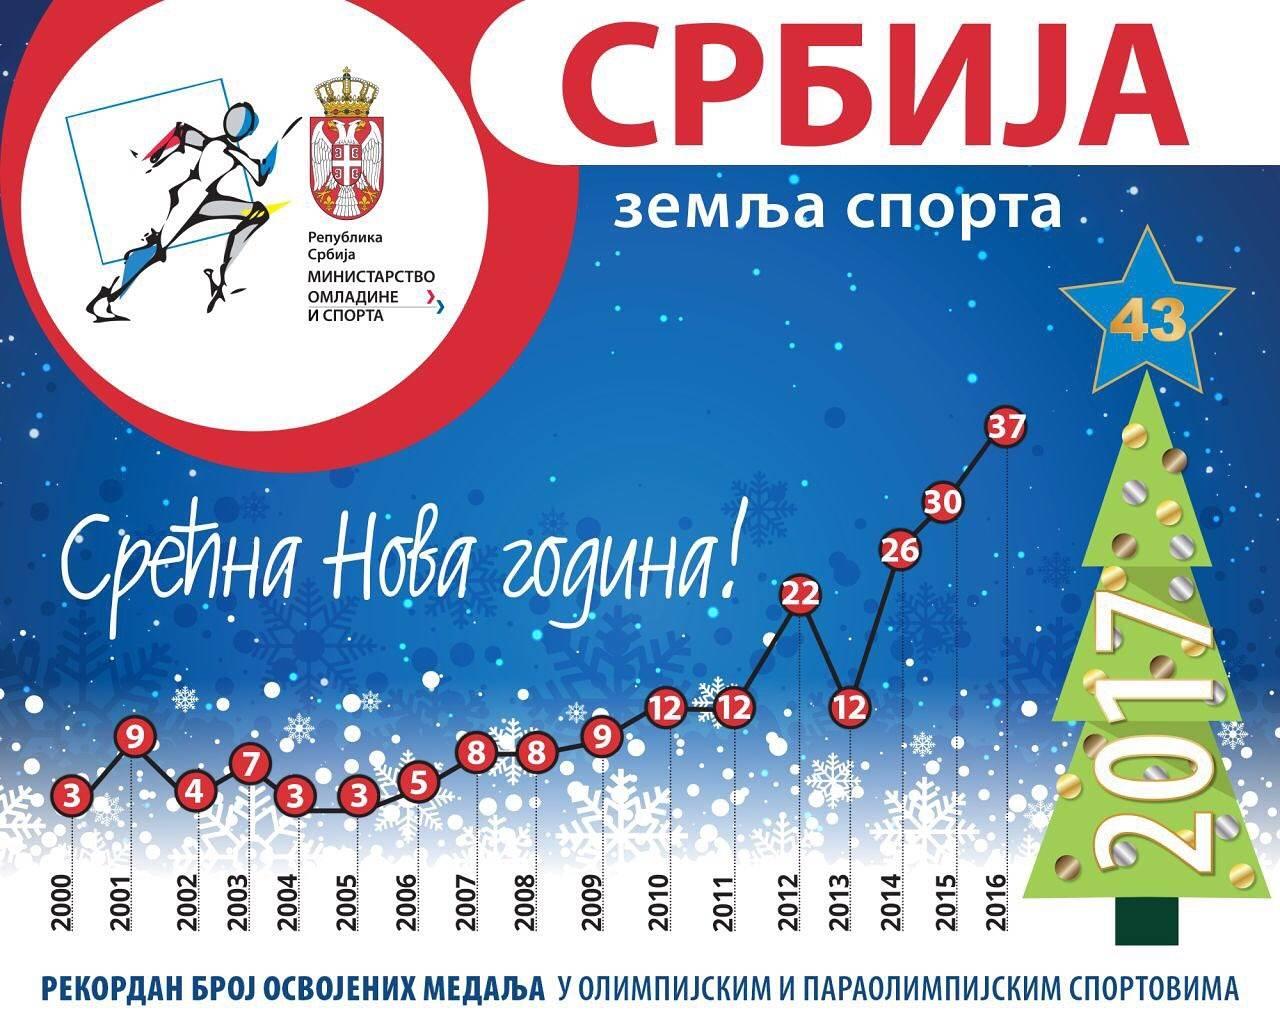 Srećna Nova godina!